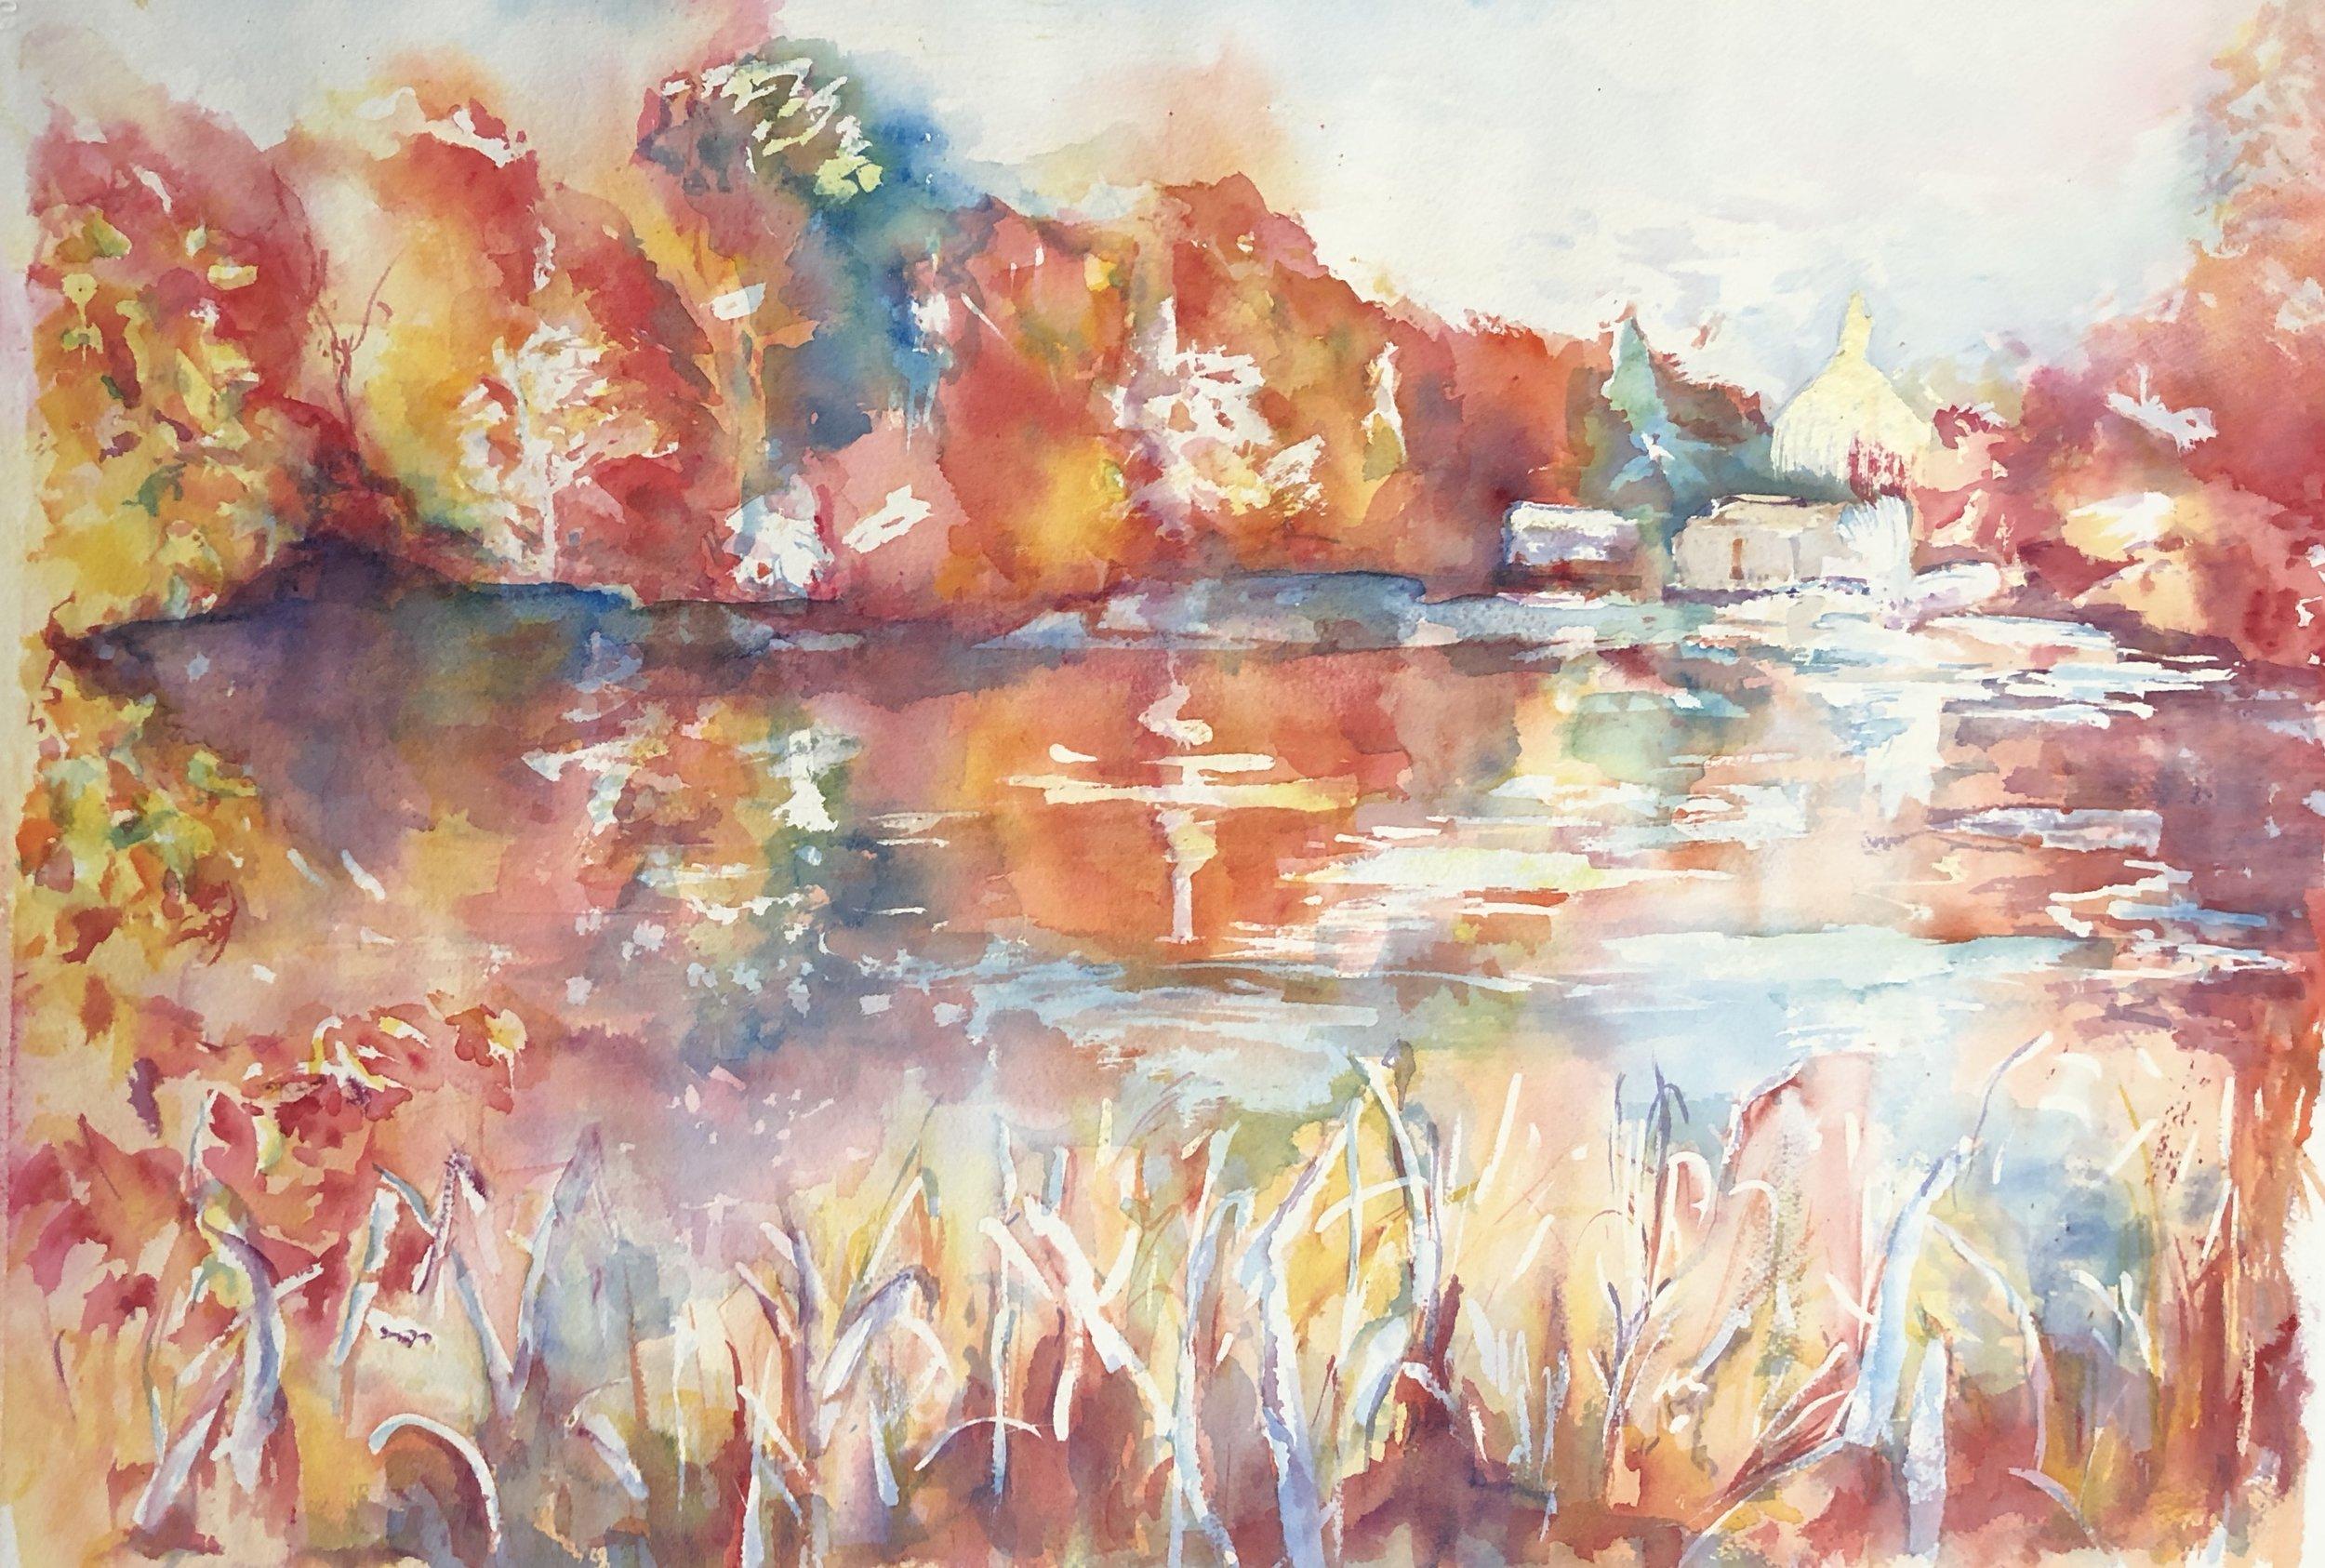 Lake Side Reflections of Fall Foliage.jpg